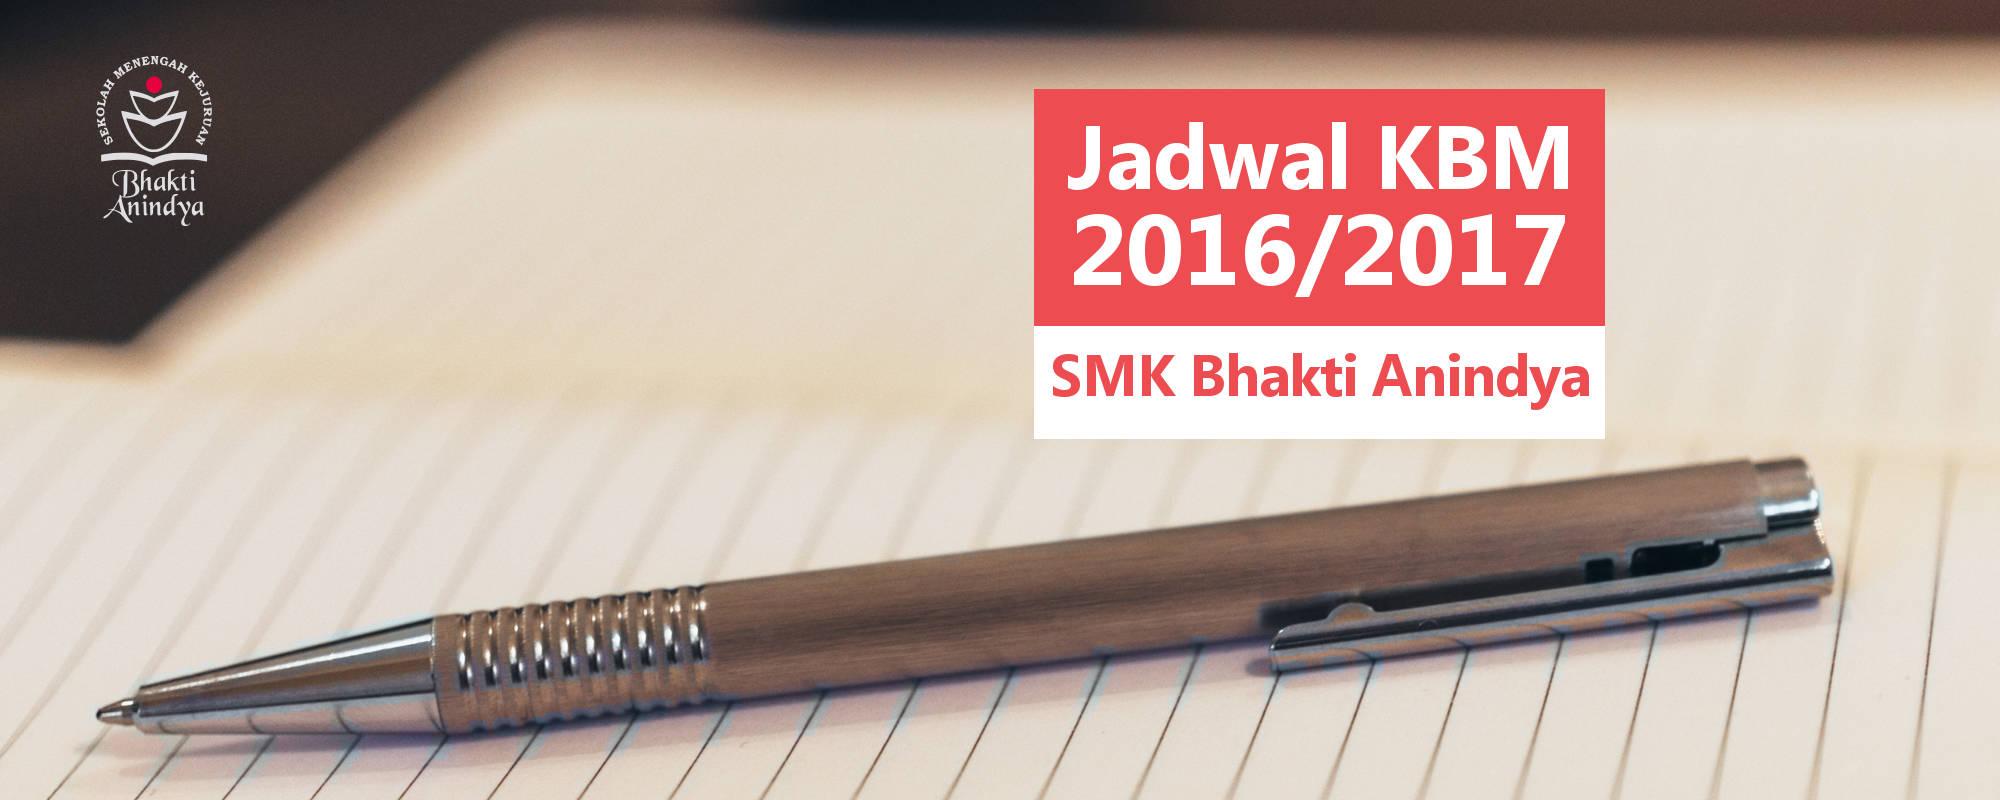 Jadwal KBM SMK Bhakti Anindya Tangerang 2016/2017